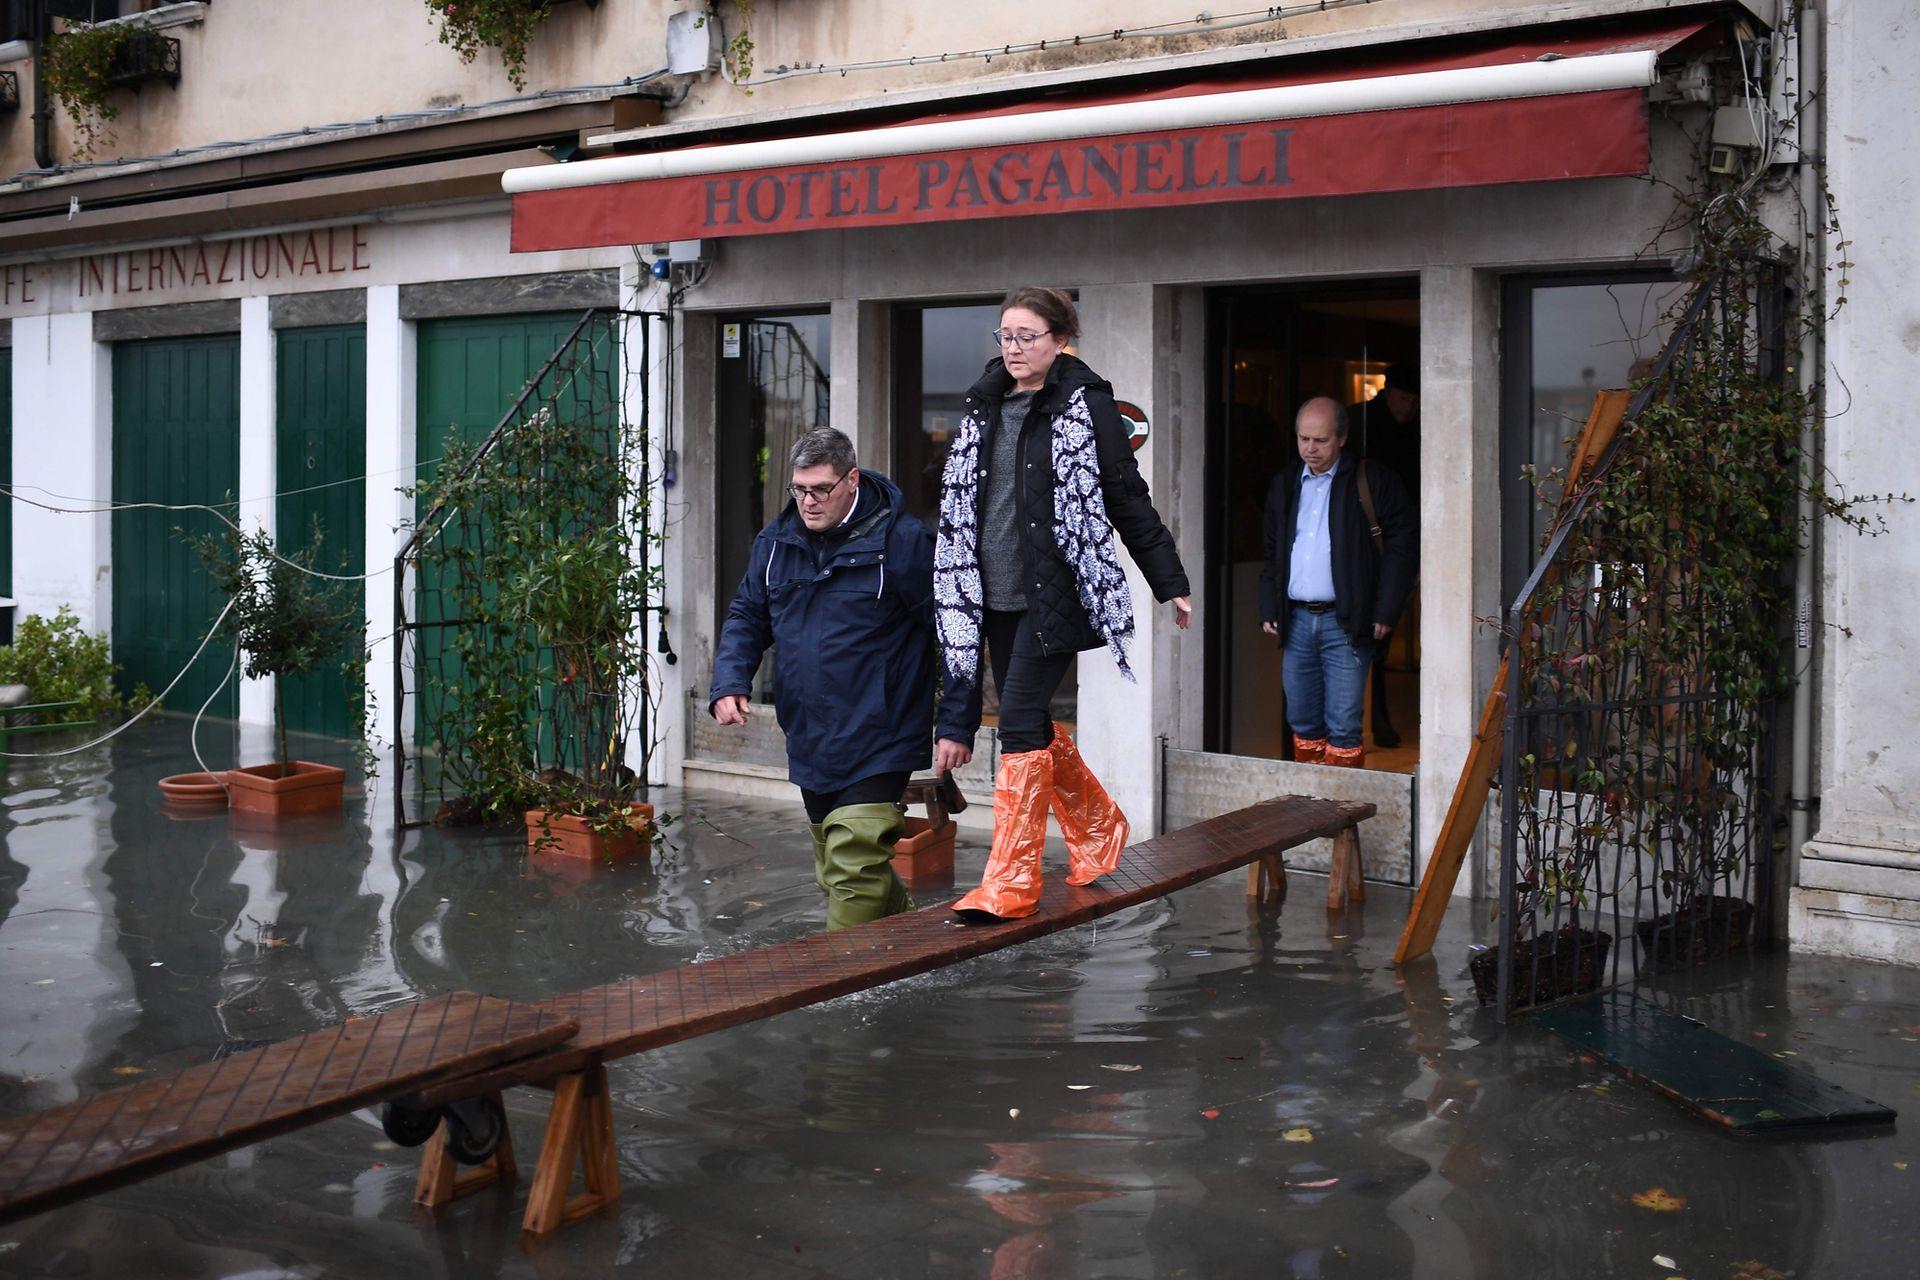 Pero no sólo Venecia está afectada ya que una oleada de mal tiempo afecta a todo el país